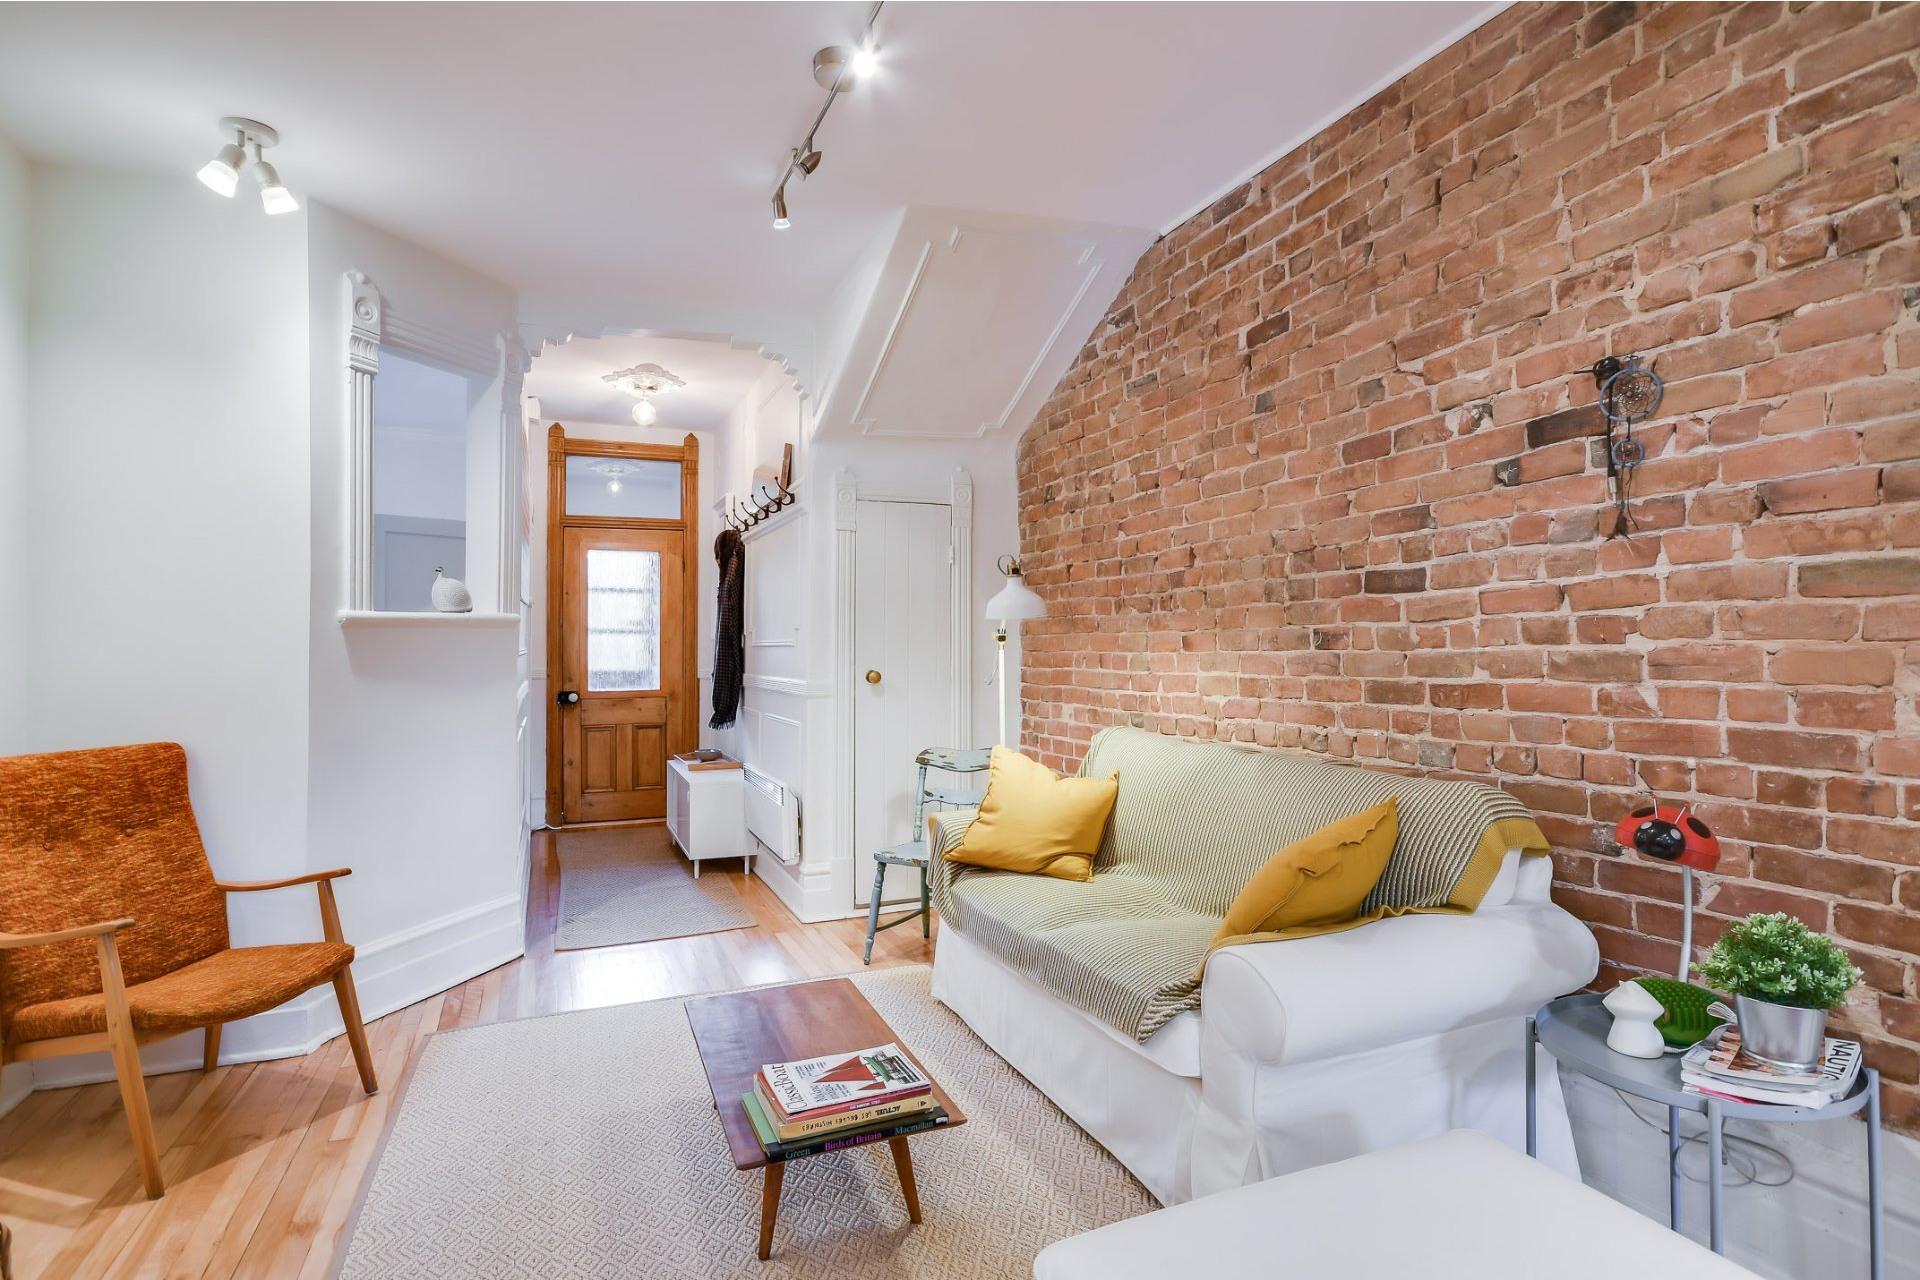 image 2 - Appartement À vendre Montréal Le Plateau-Mont-Royal  - 5 pièces